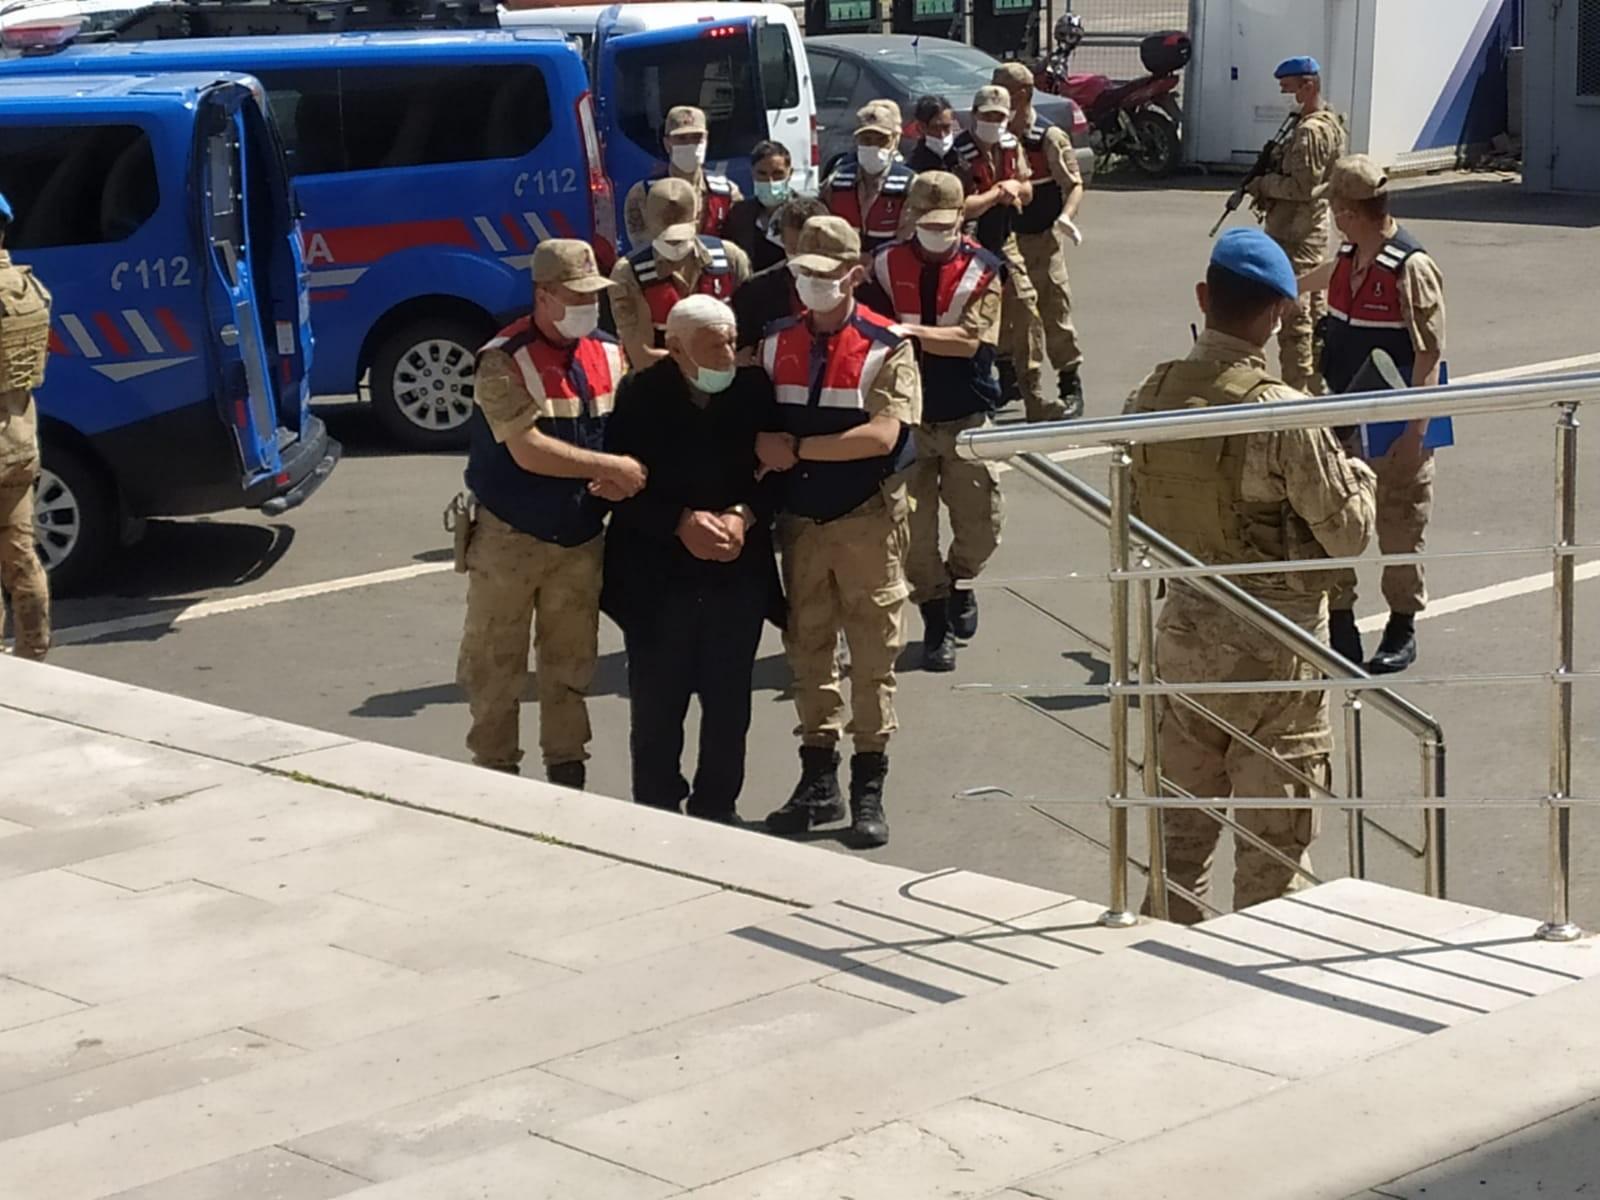 Erzurum'da 5 kişinin öldüğü silahlı kavga olayında 2 kişi tutuklandı